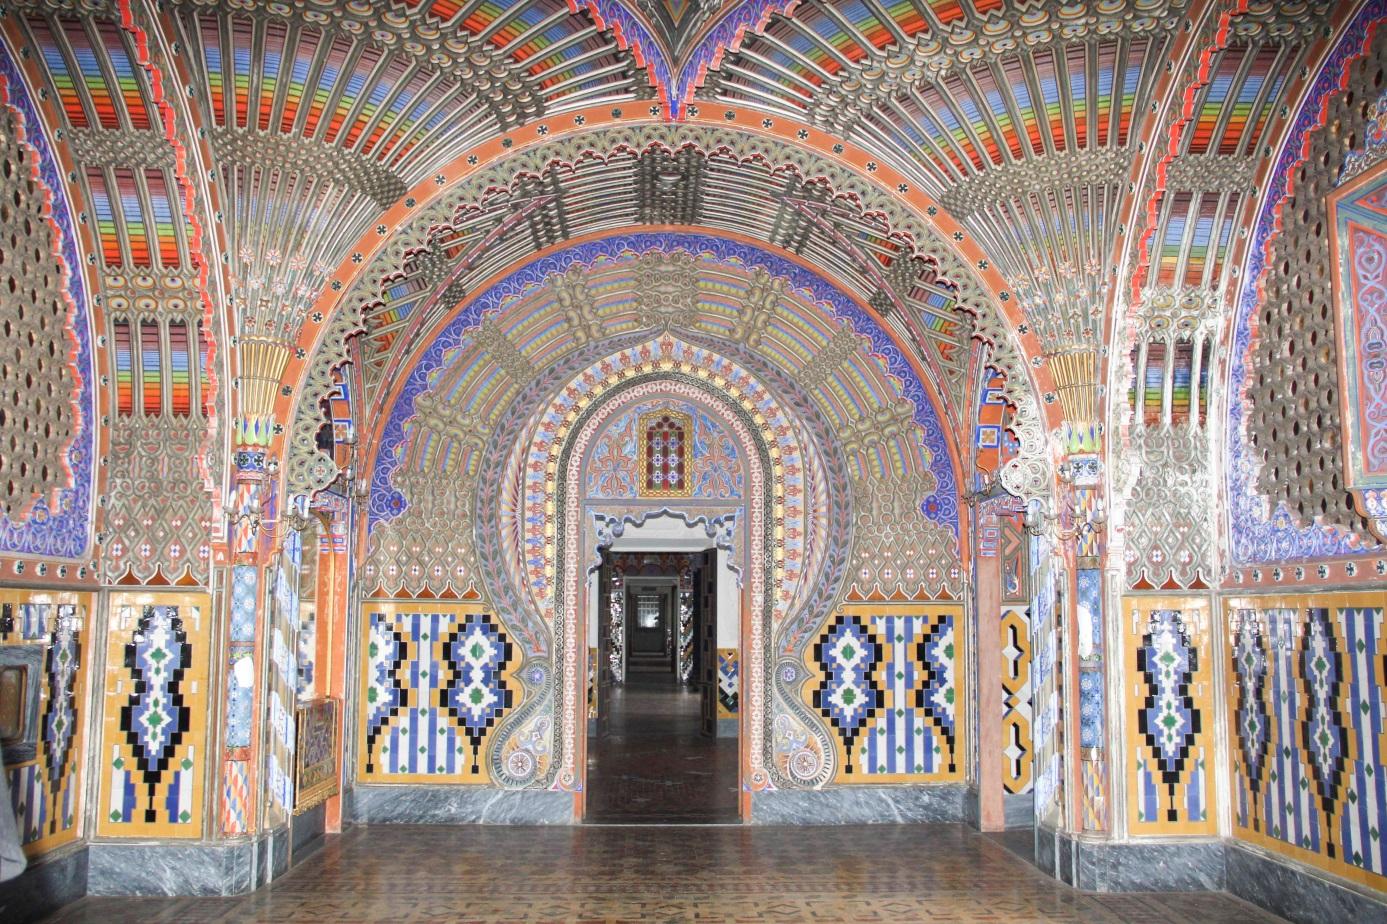 Peacock room of the Castello di Sammezzano.